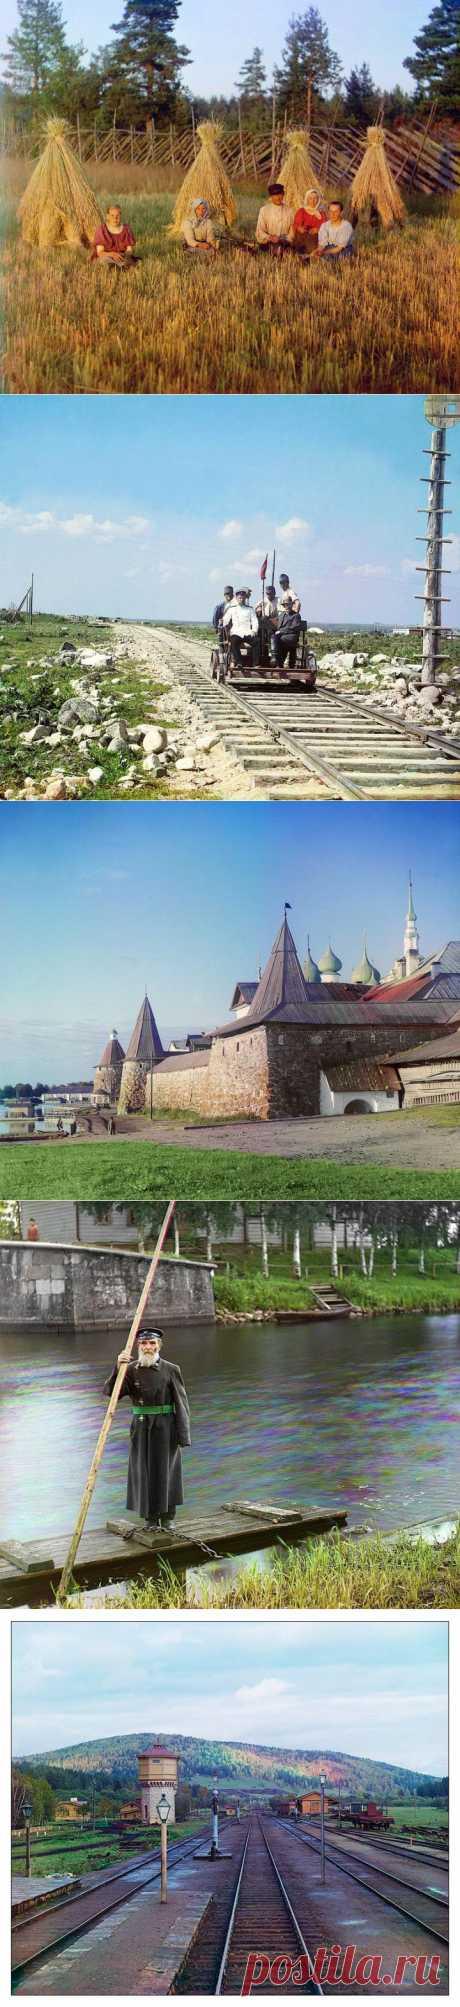 (+1) - Россия 150 лет назад в фотографиях Проскудина-Горского | ТУРИЗМ И ОТДЫХ